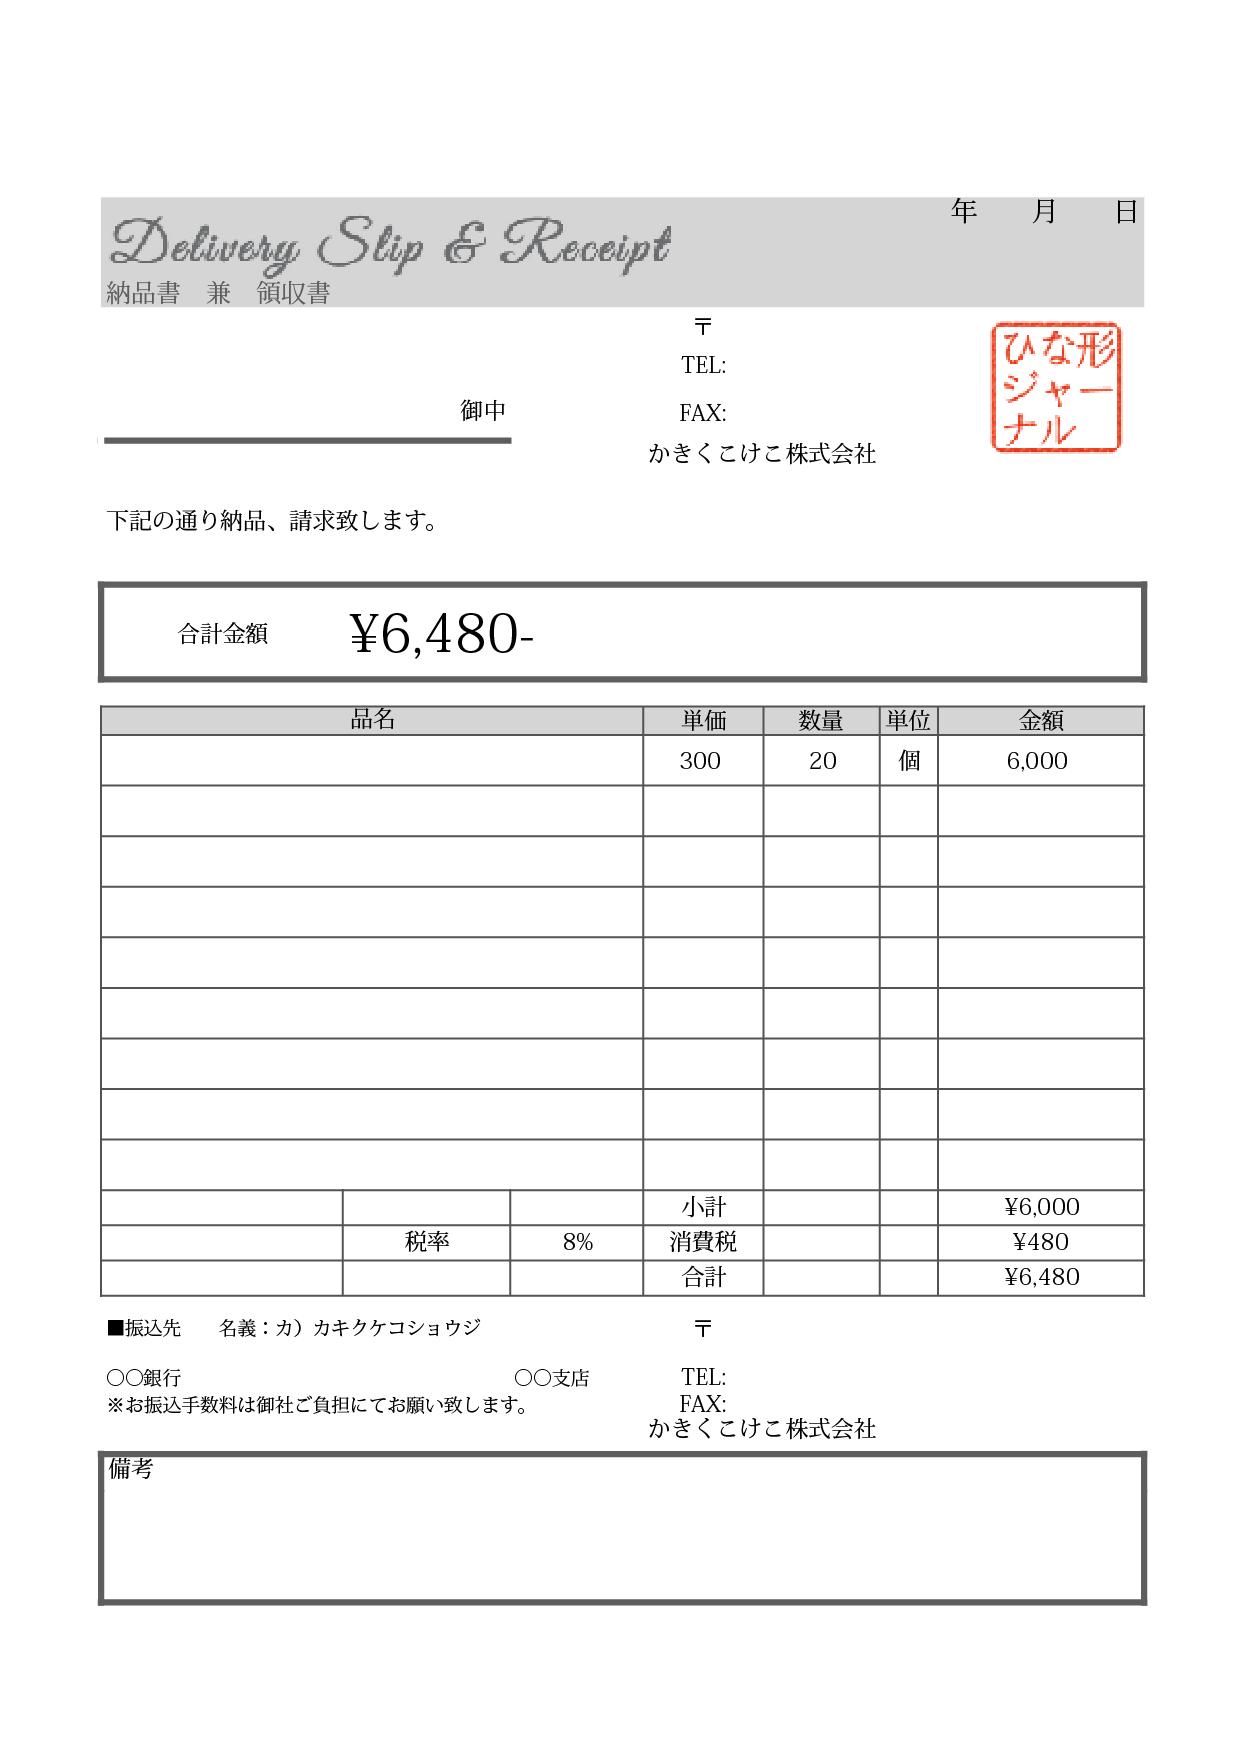 納品書 兼 領収書のテンプレート シンプルで使いやすいグレーカラー(ナンバーズ、エクセル)